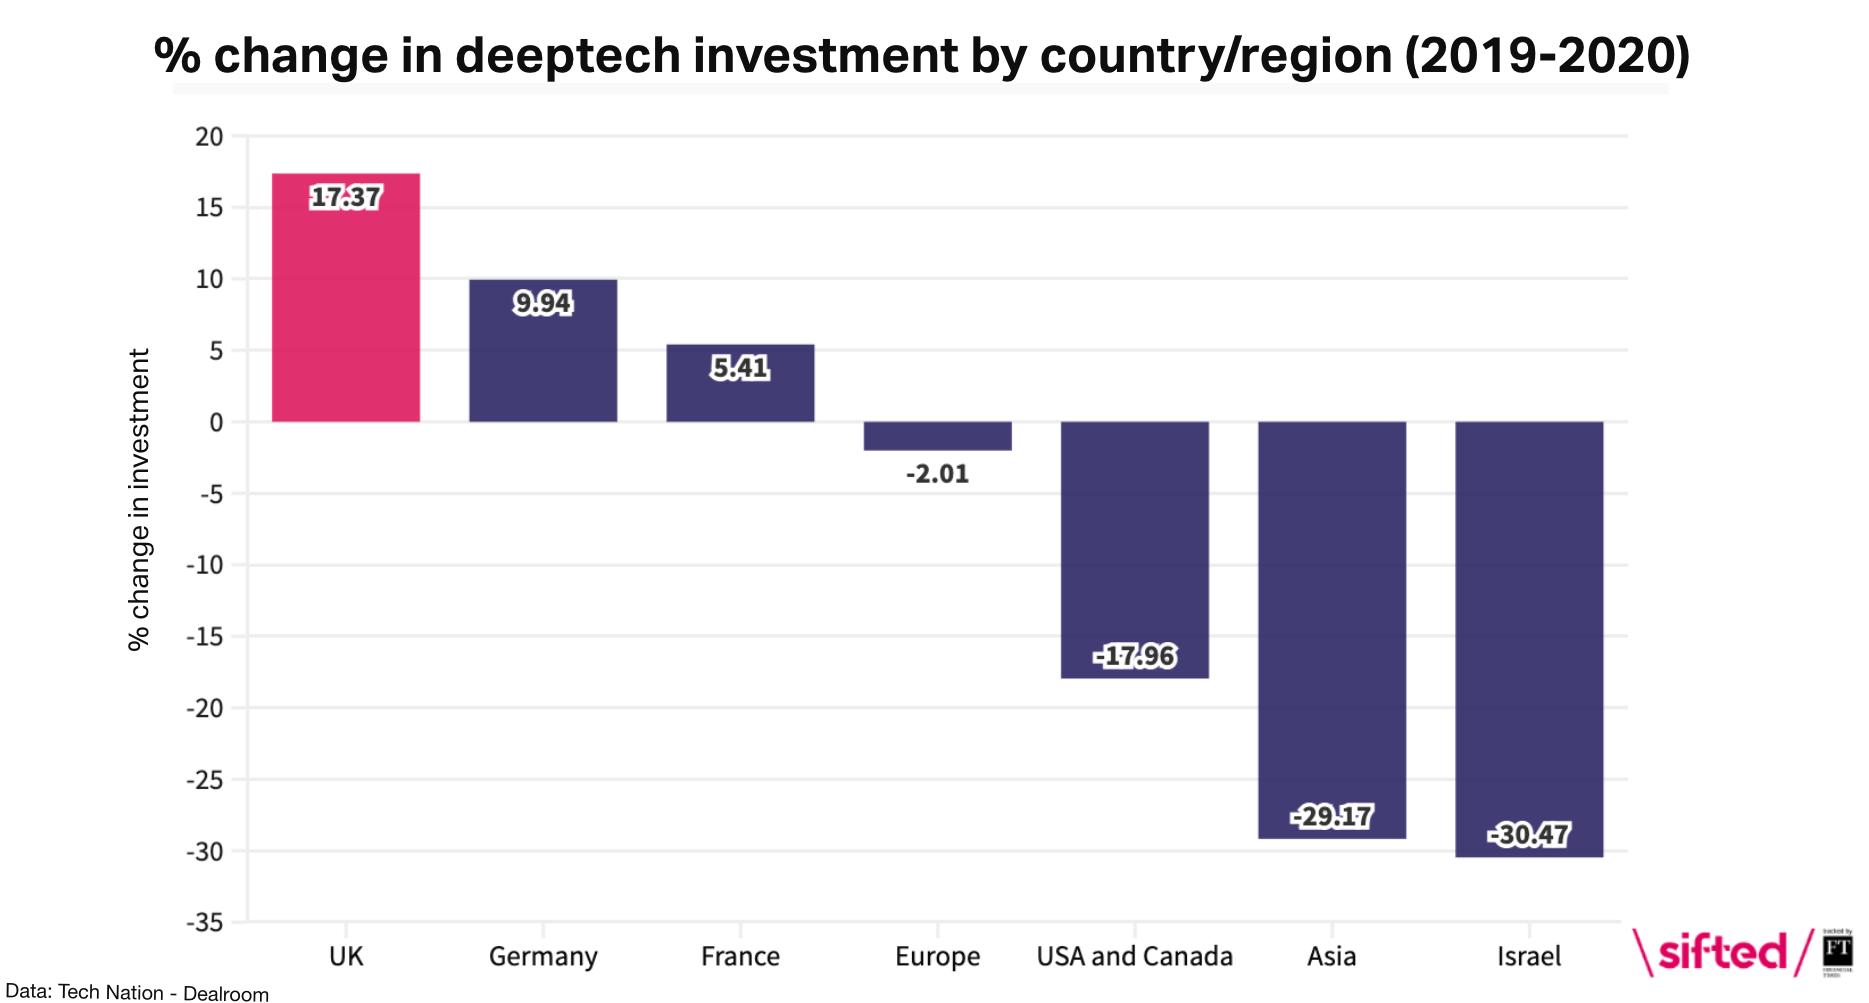 Deeptech investment